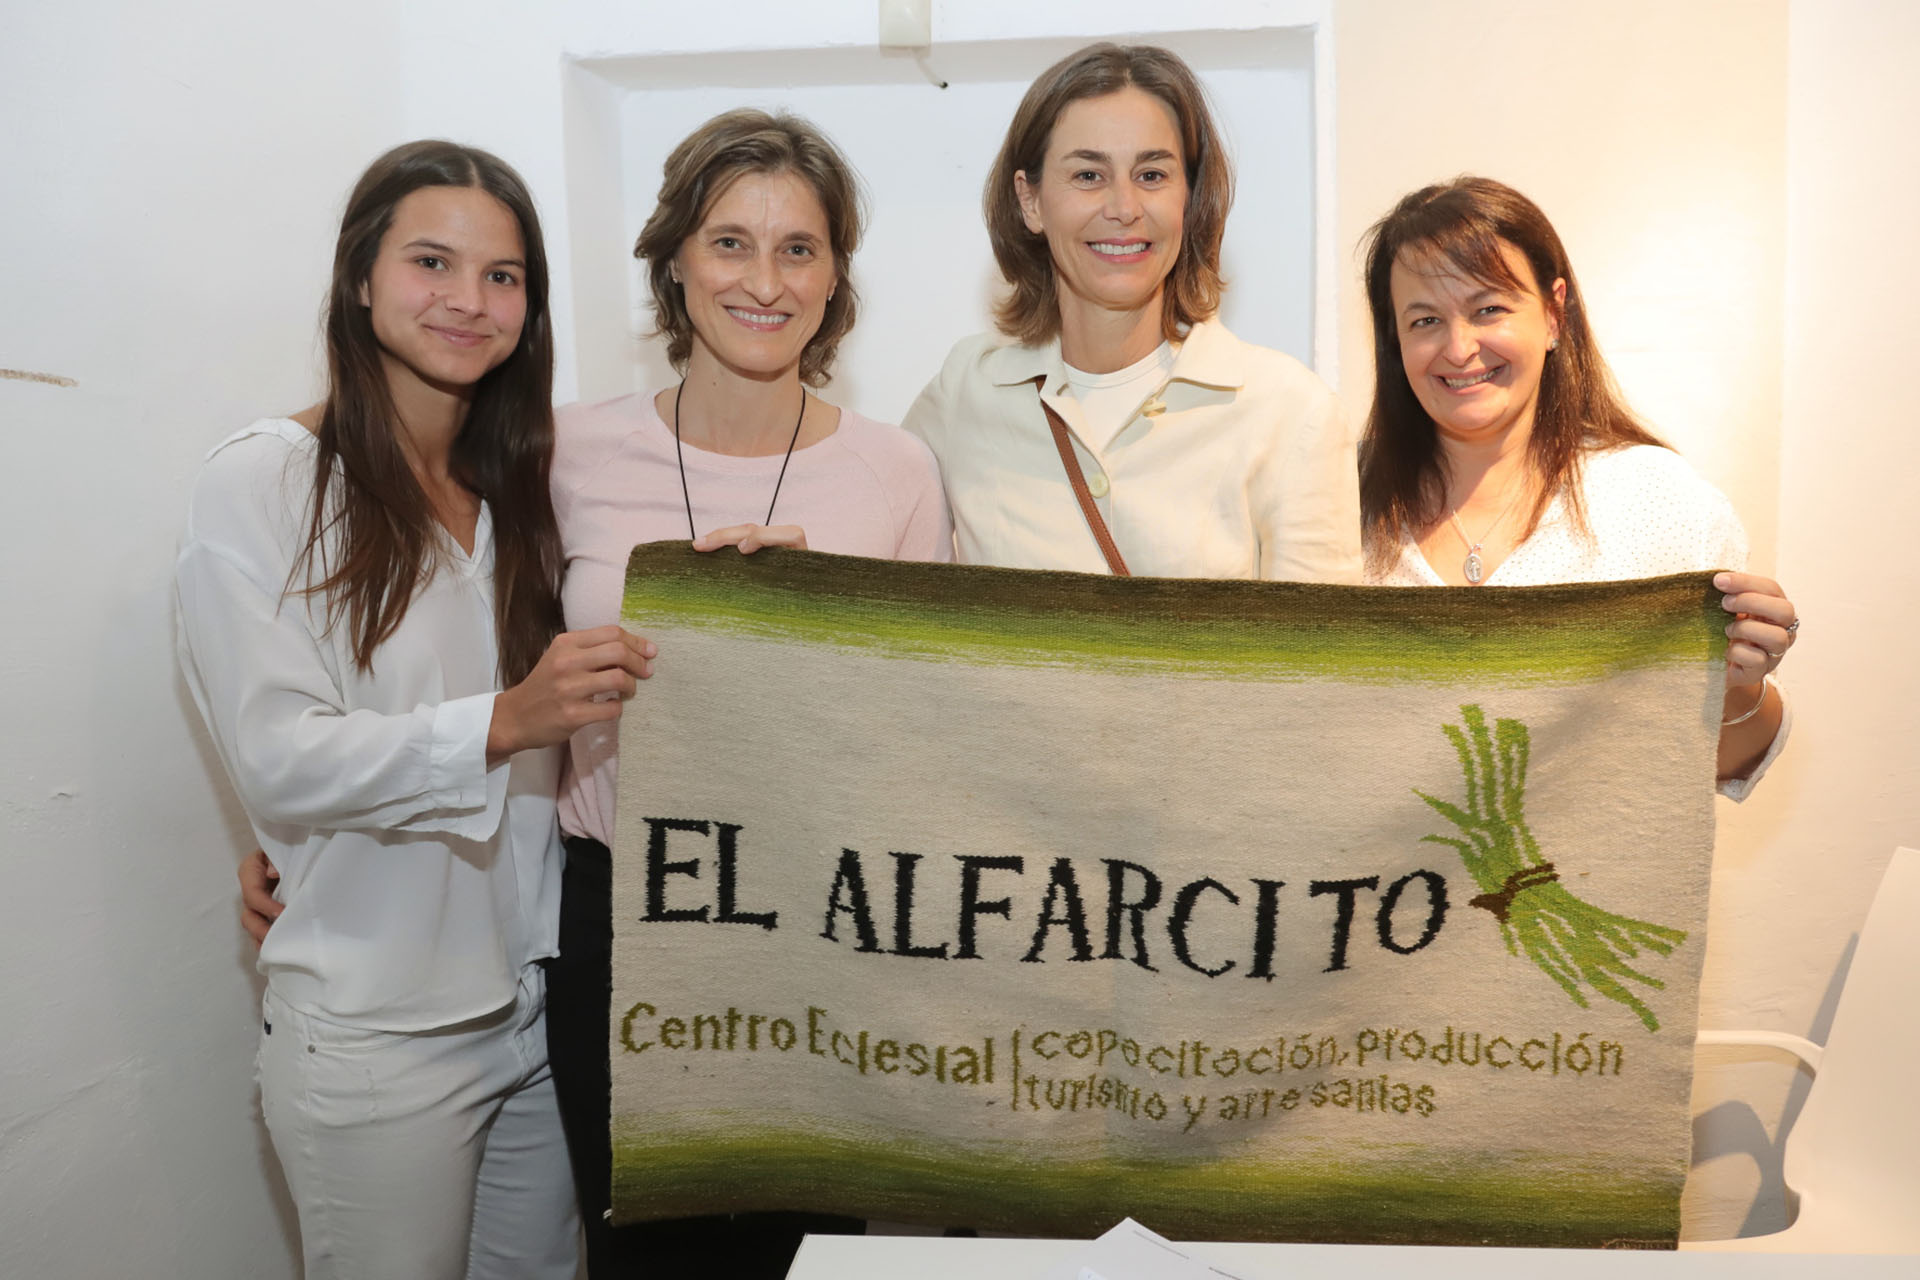 Azul junto a María Etchevere, esposa del secretario de Agroindustria, junto al Colegio El Alfarcito, primer y único secundario en el cerro salteño